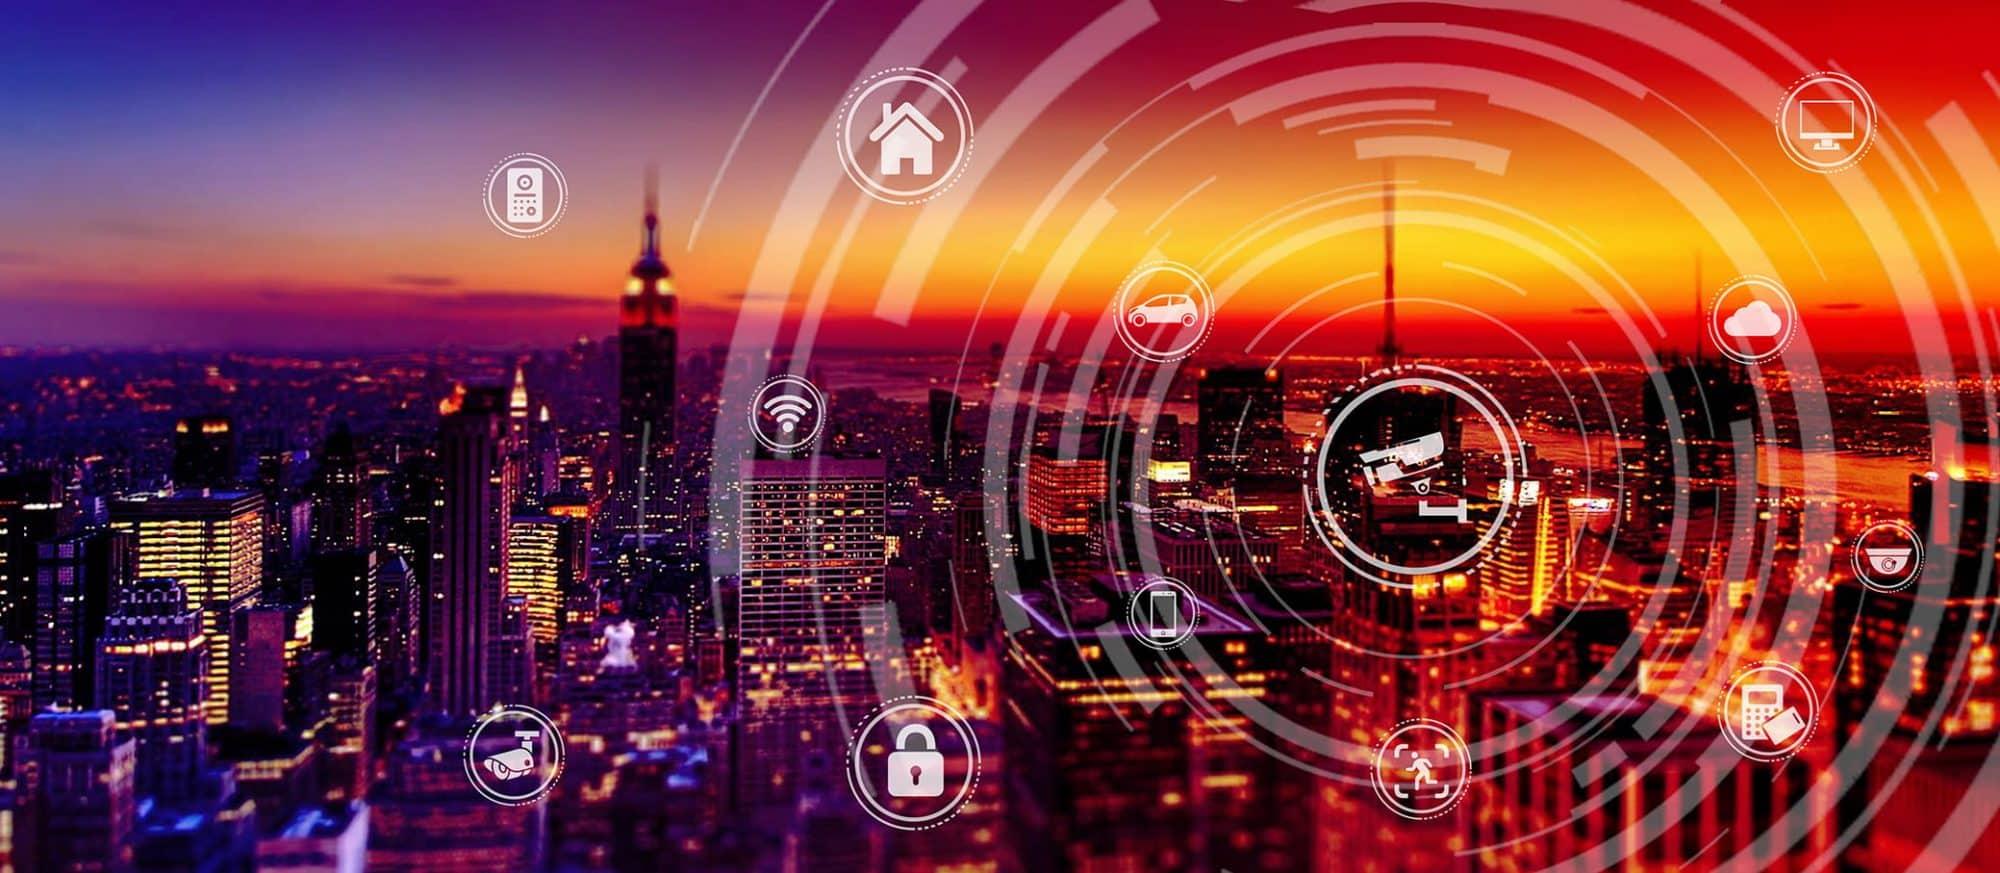 Hikvision videonovērošanas kameras, drošības sistēmas, IP kameras, piekļuves kontrole, pilsēta, automašīna, namruņi un domofoni